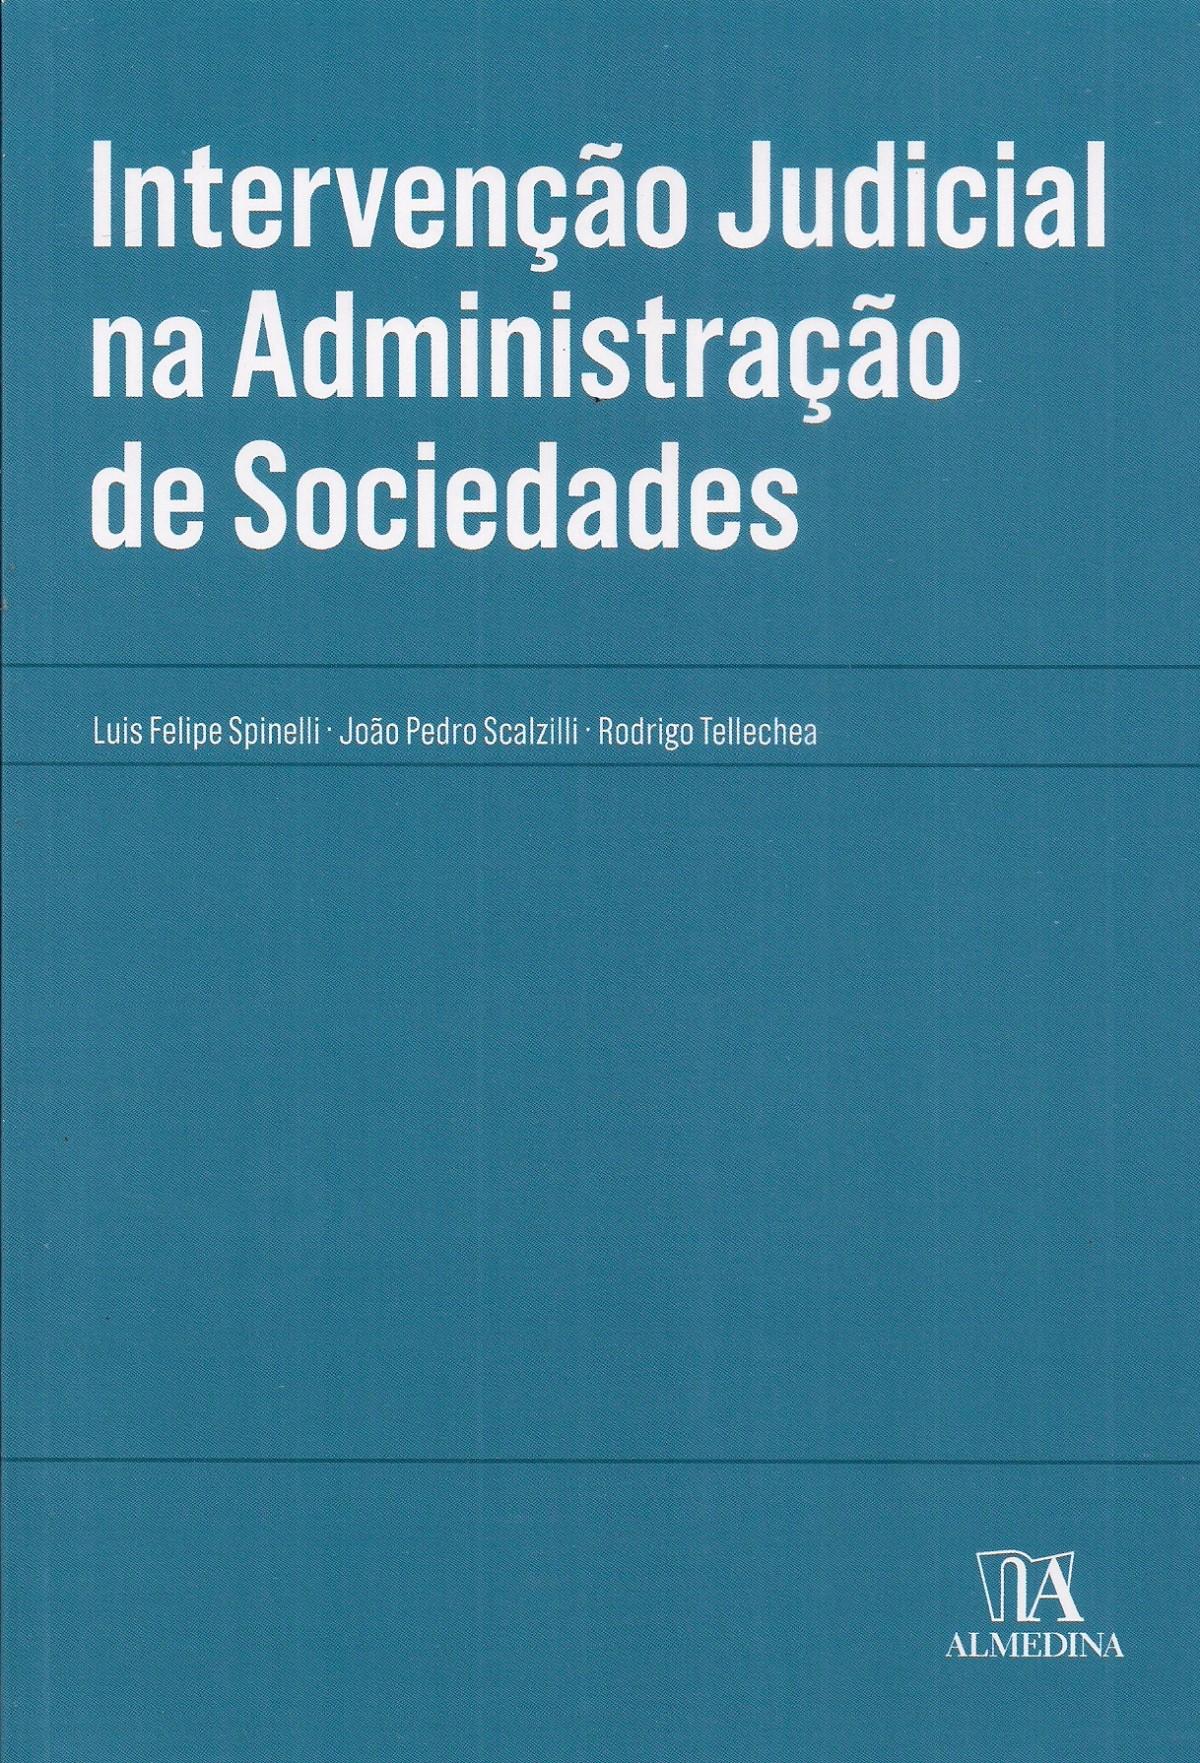 Foto 1 - Intervenção Judicial na Administração de Sociedades